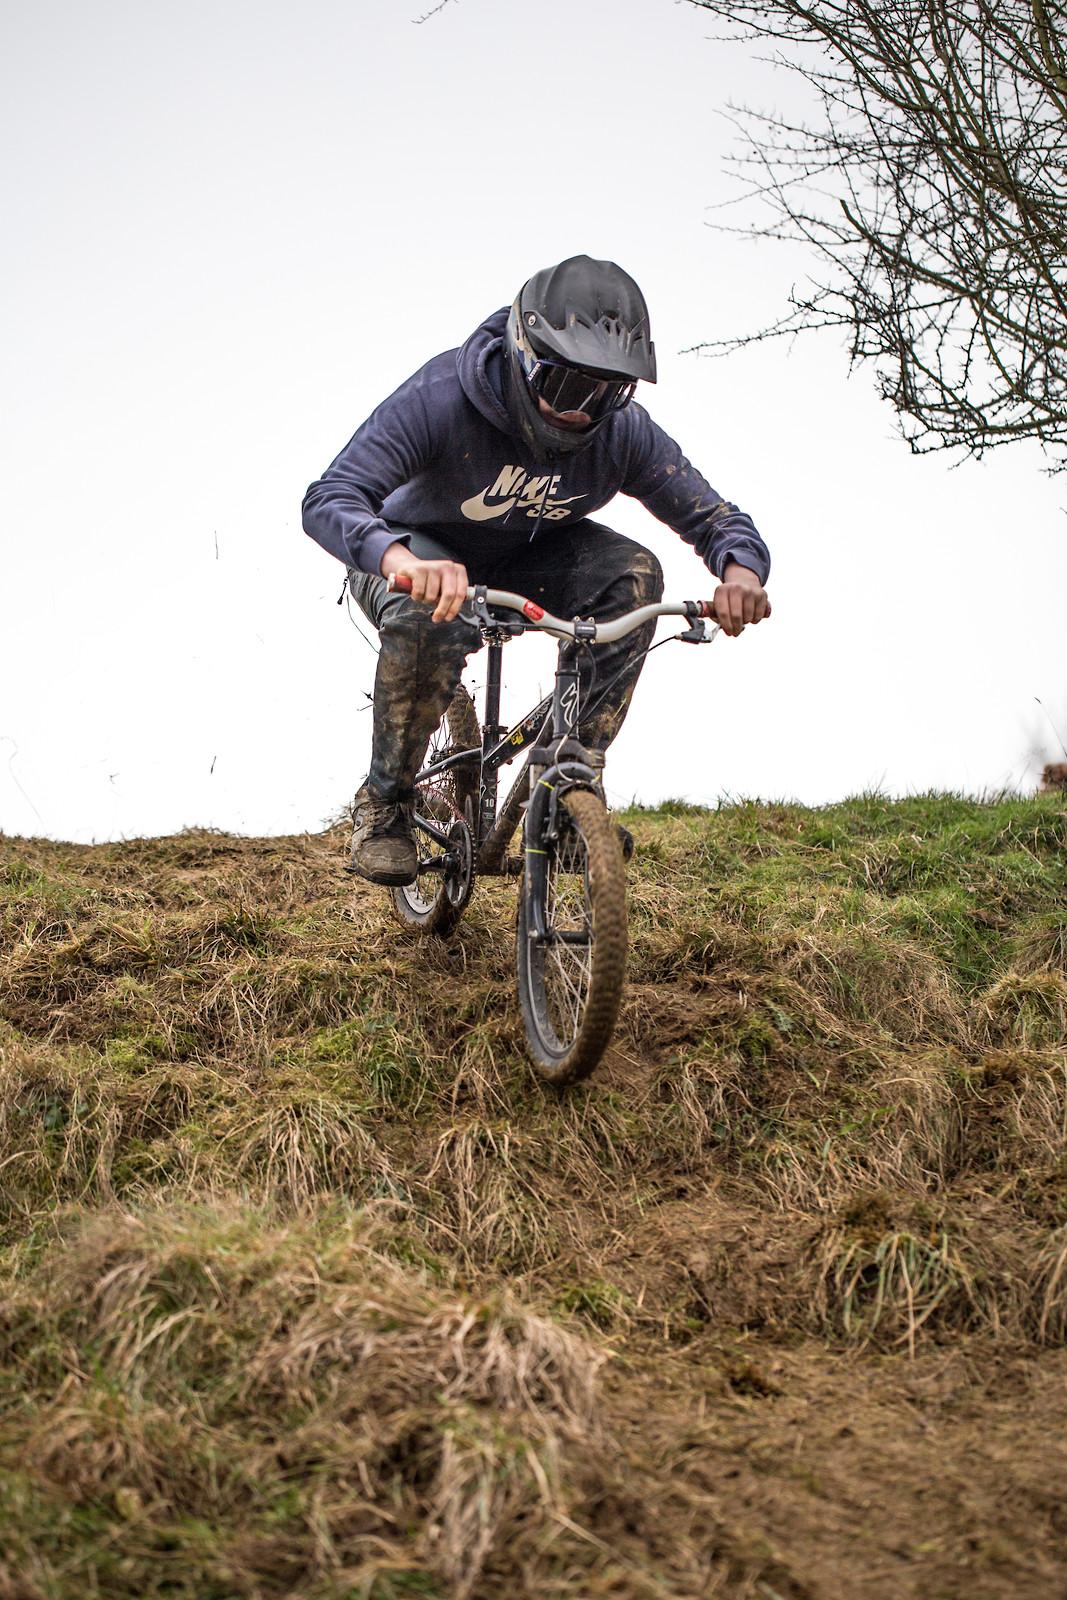 Best (worst) Bike Challenge - Dadcamtv - Mountain Biking Pictures - Vital MTB